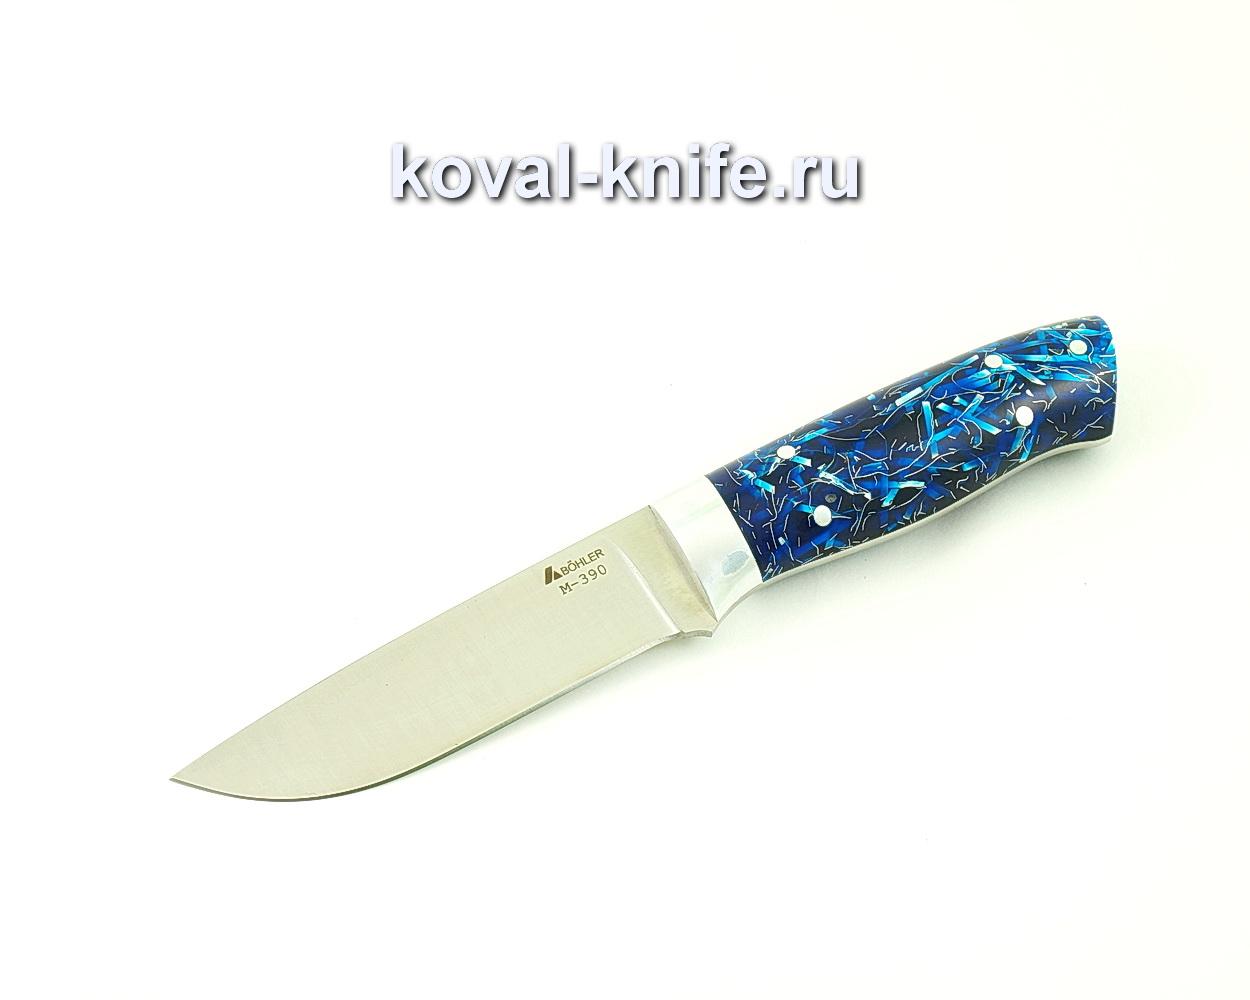 Нож цельнометаллический из порошковой стали М390 Белка (рукоять композит) A511